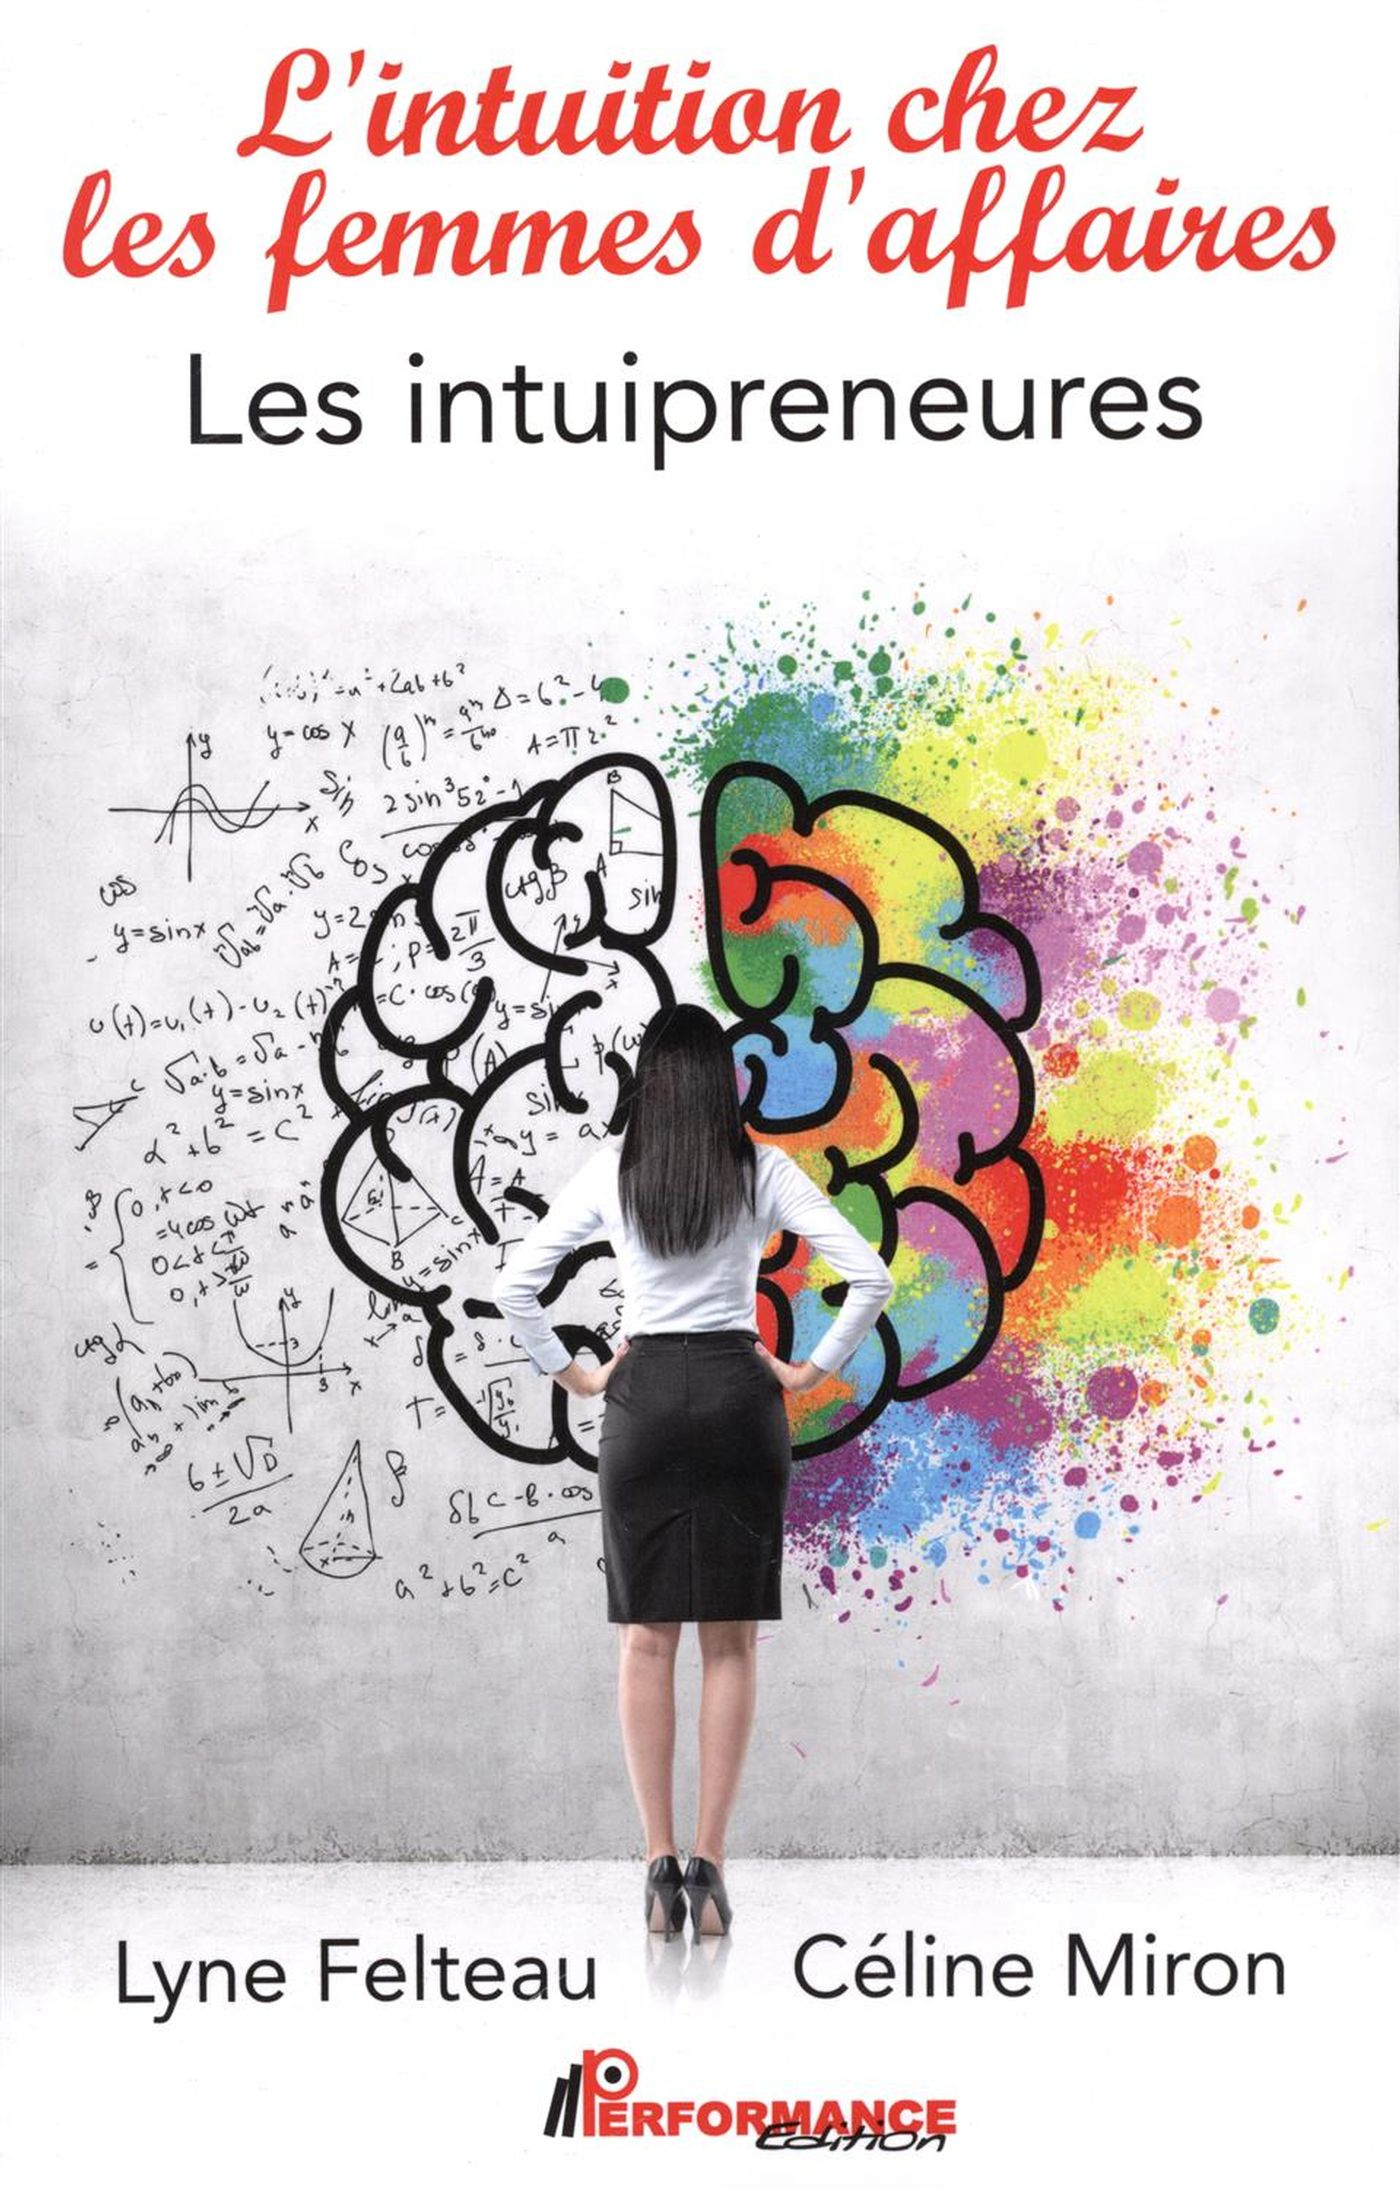 L'intuition ches les femmes d'affaires : Les intuipreneures